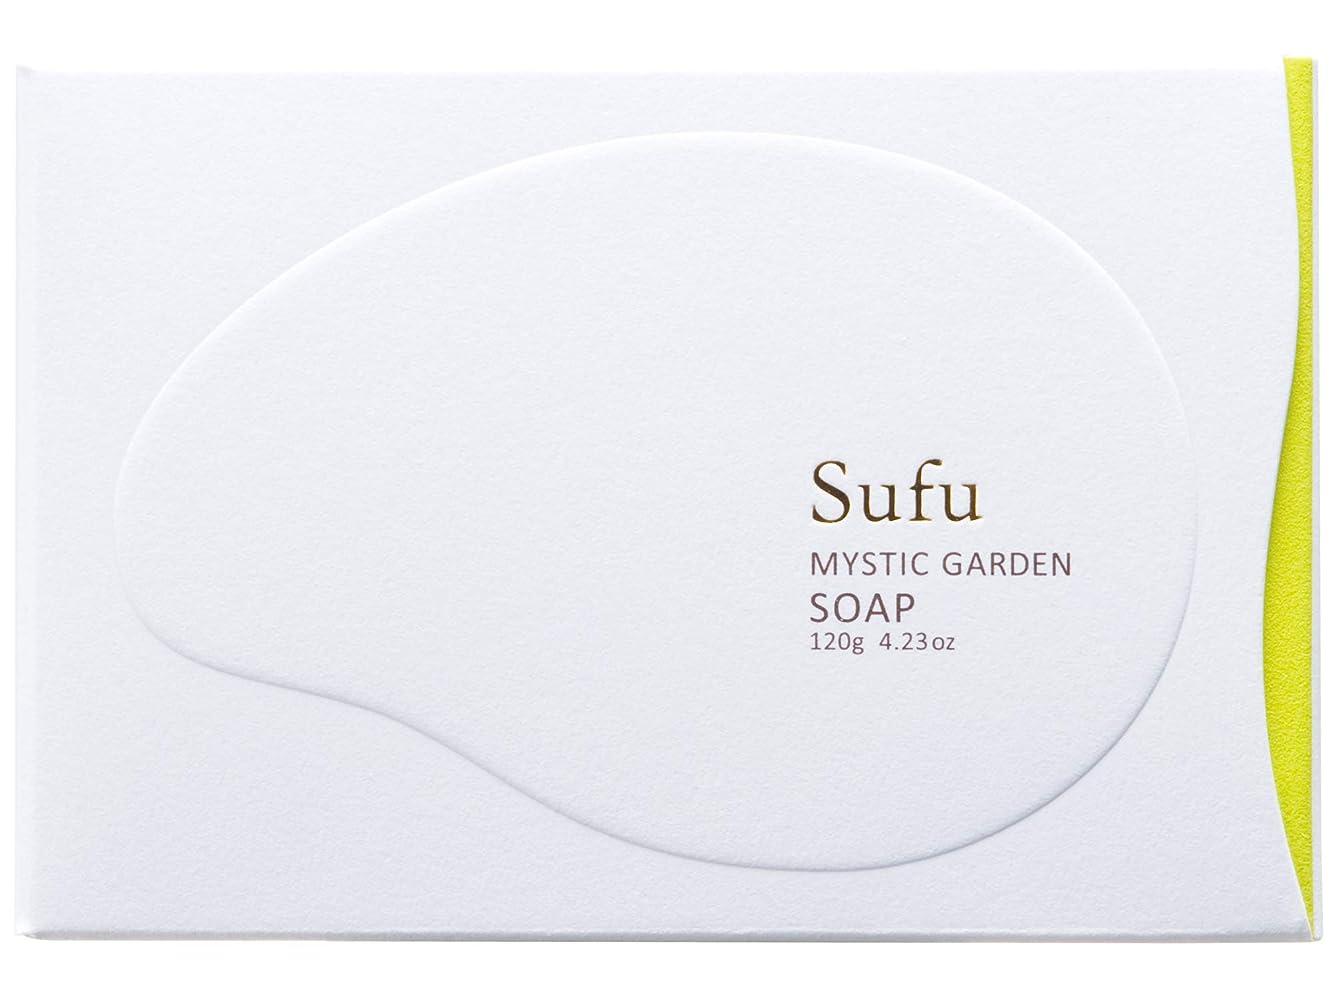 上へ正確におしゃれじゃないペリカン石鹸 Sufu ソープ ミスティックガーデン 120g